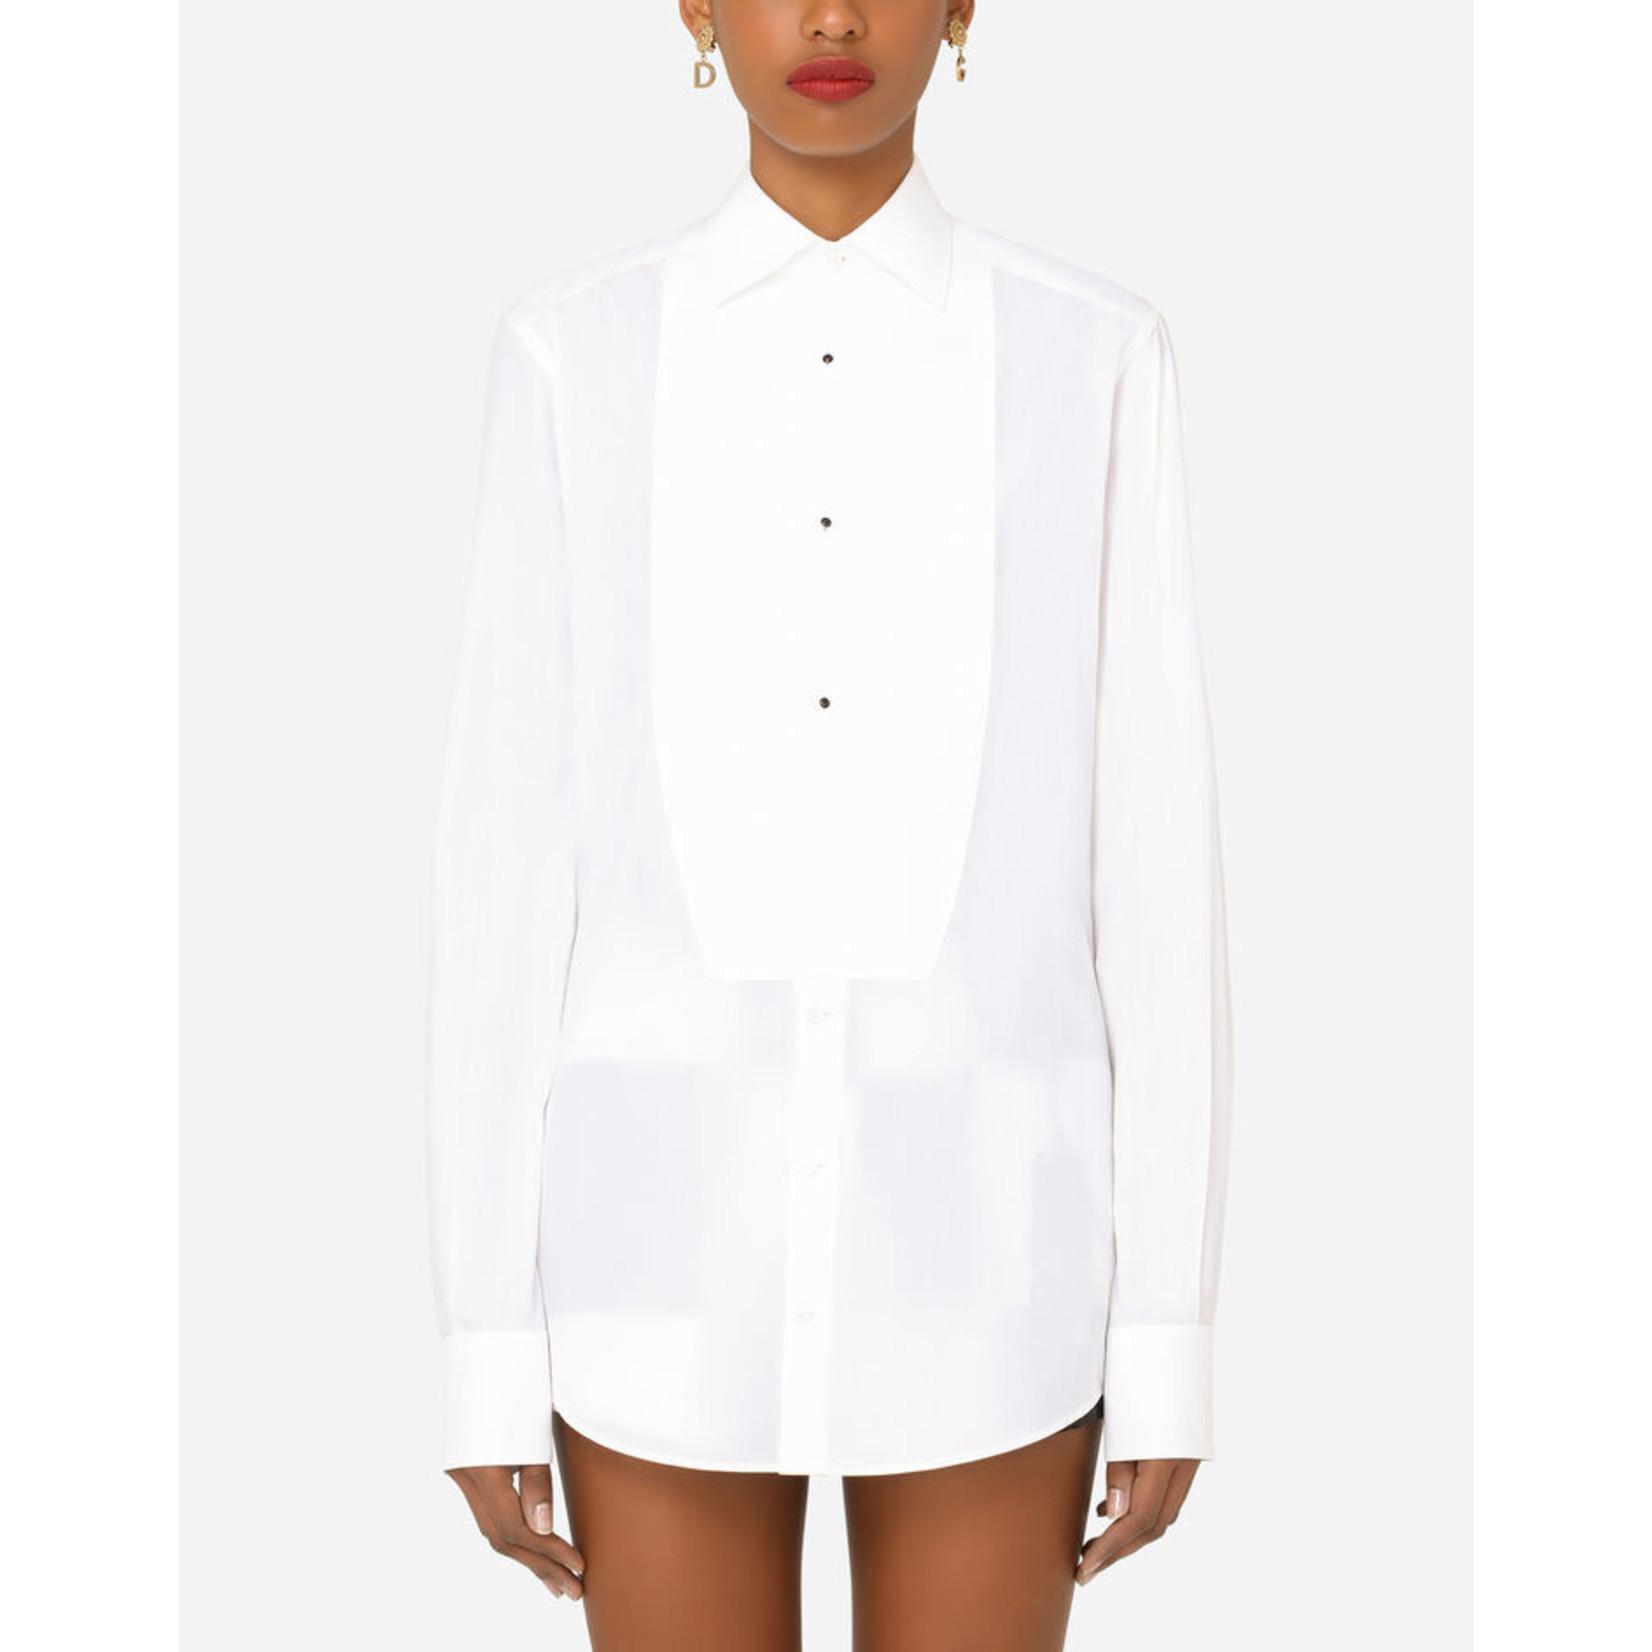 Dolce&Gabbana Hemd 42711